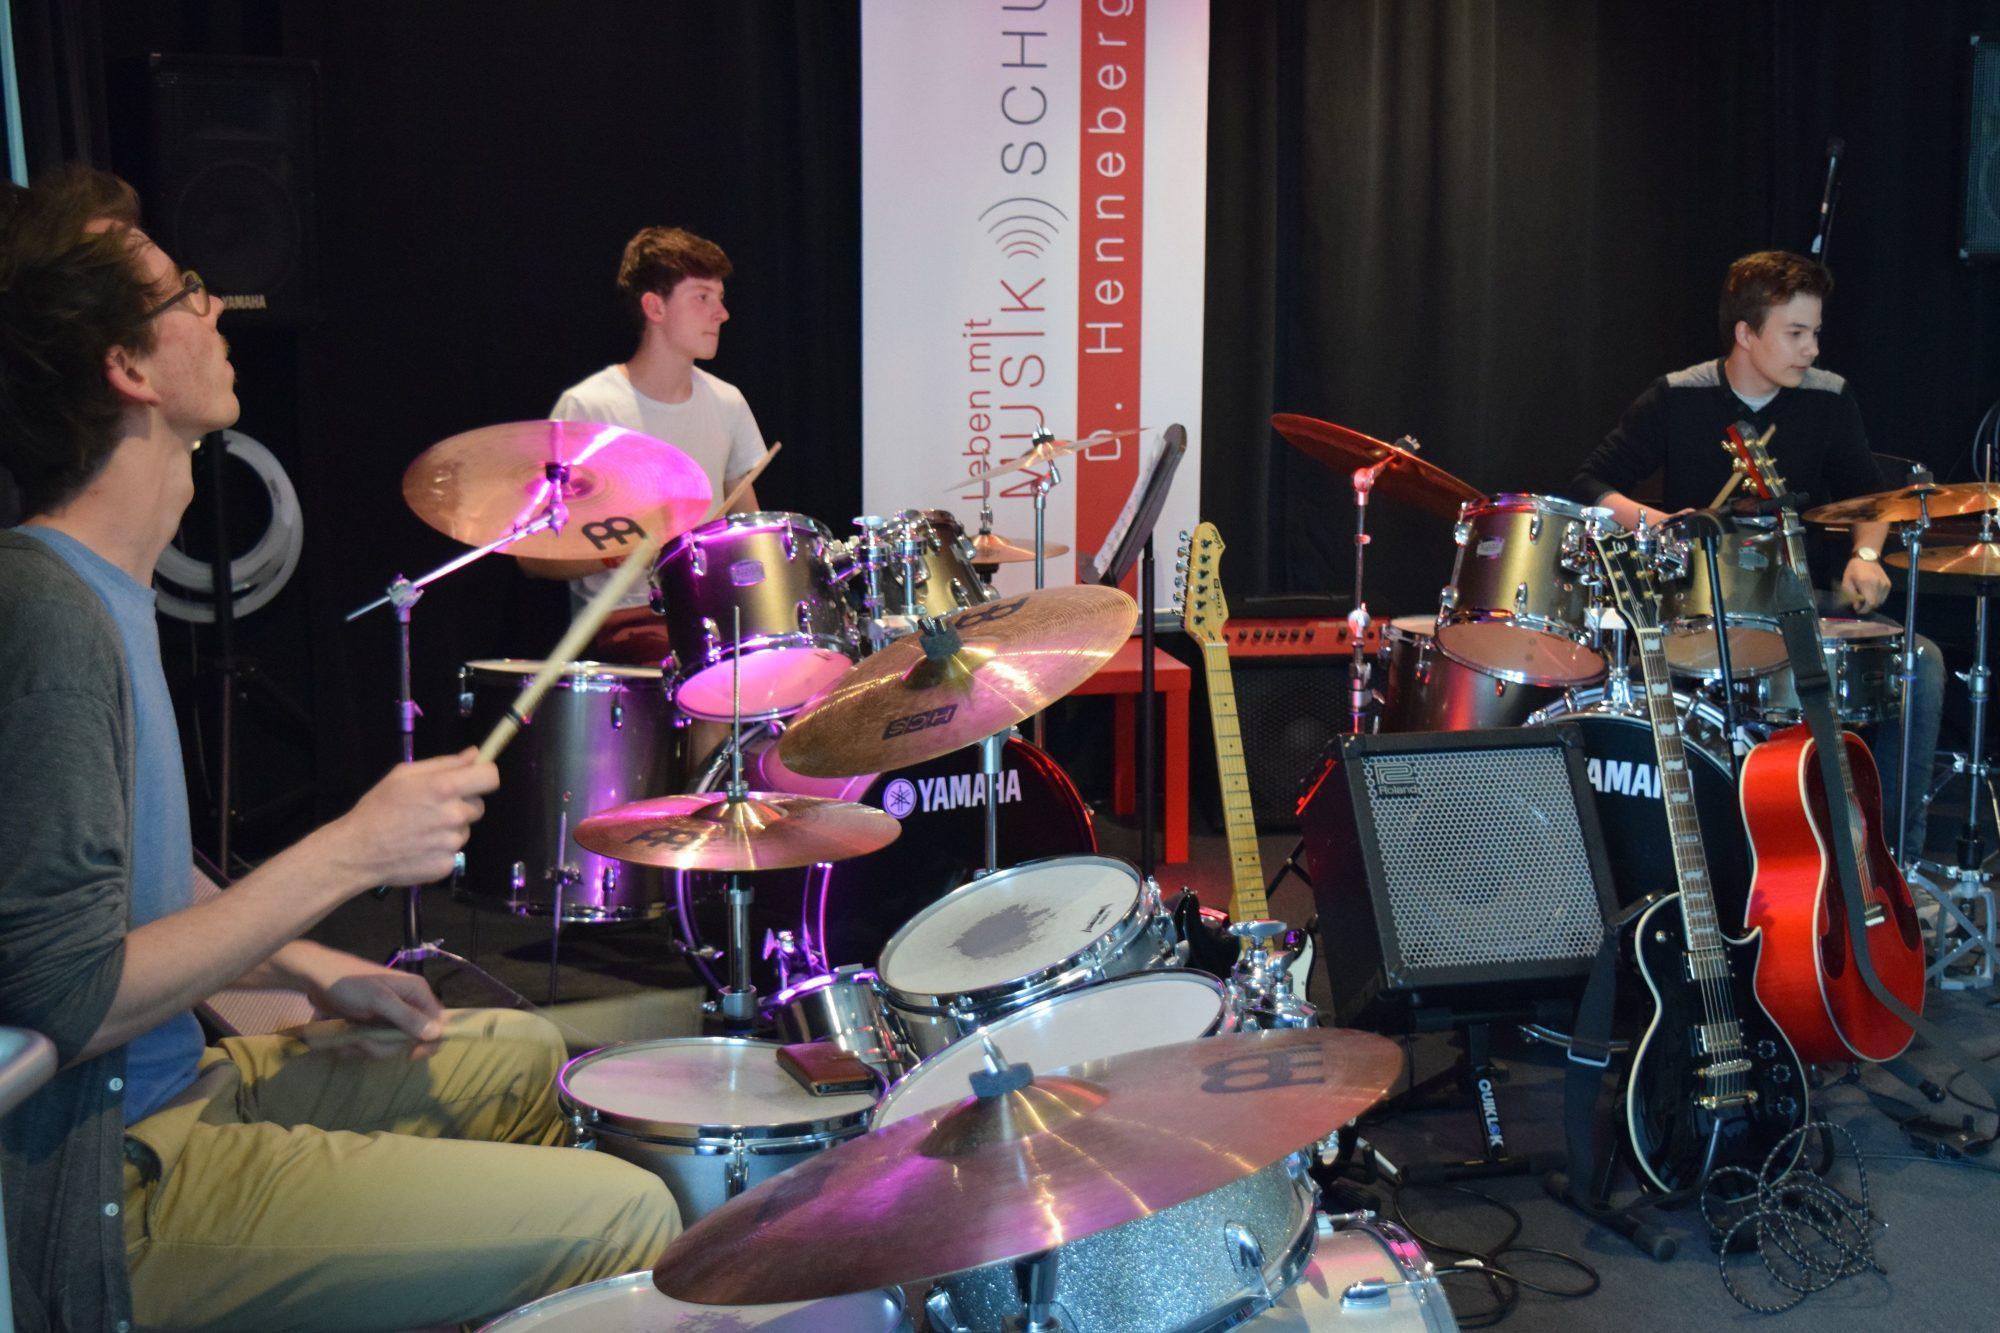 Freie Plätze: Bands & Ensembles